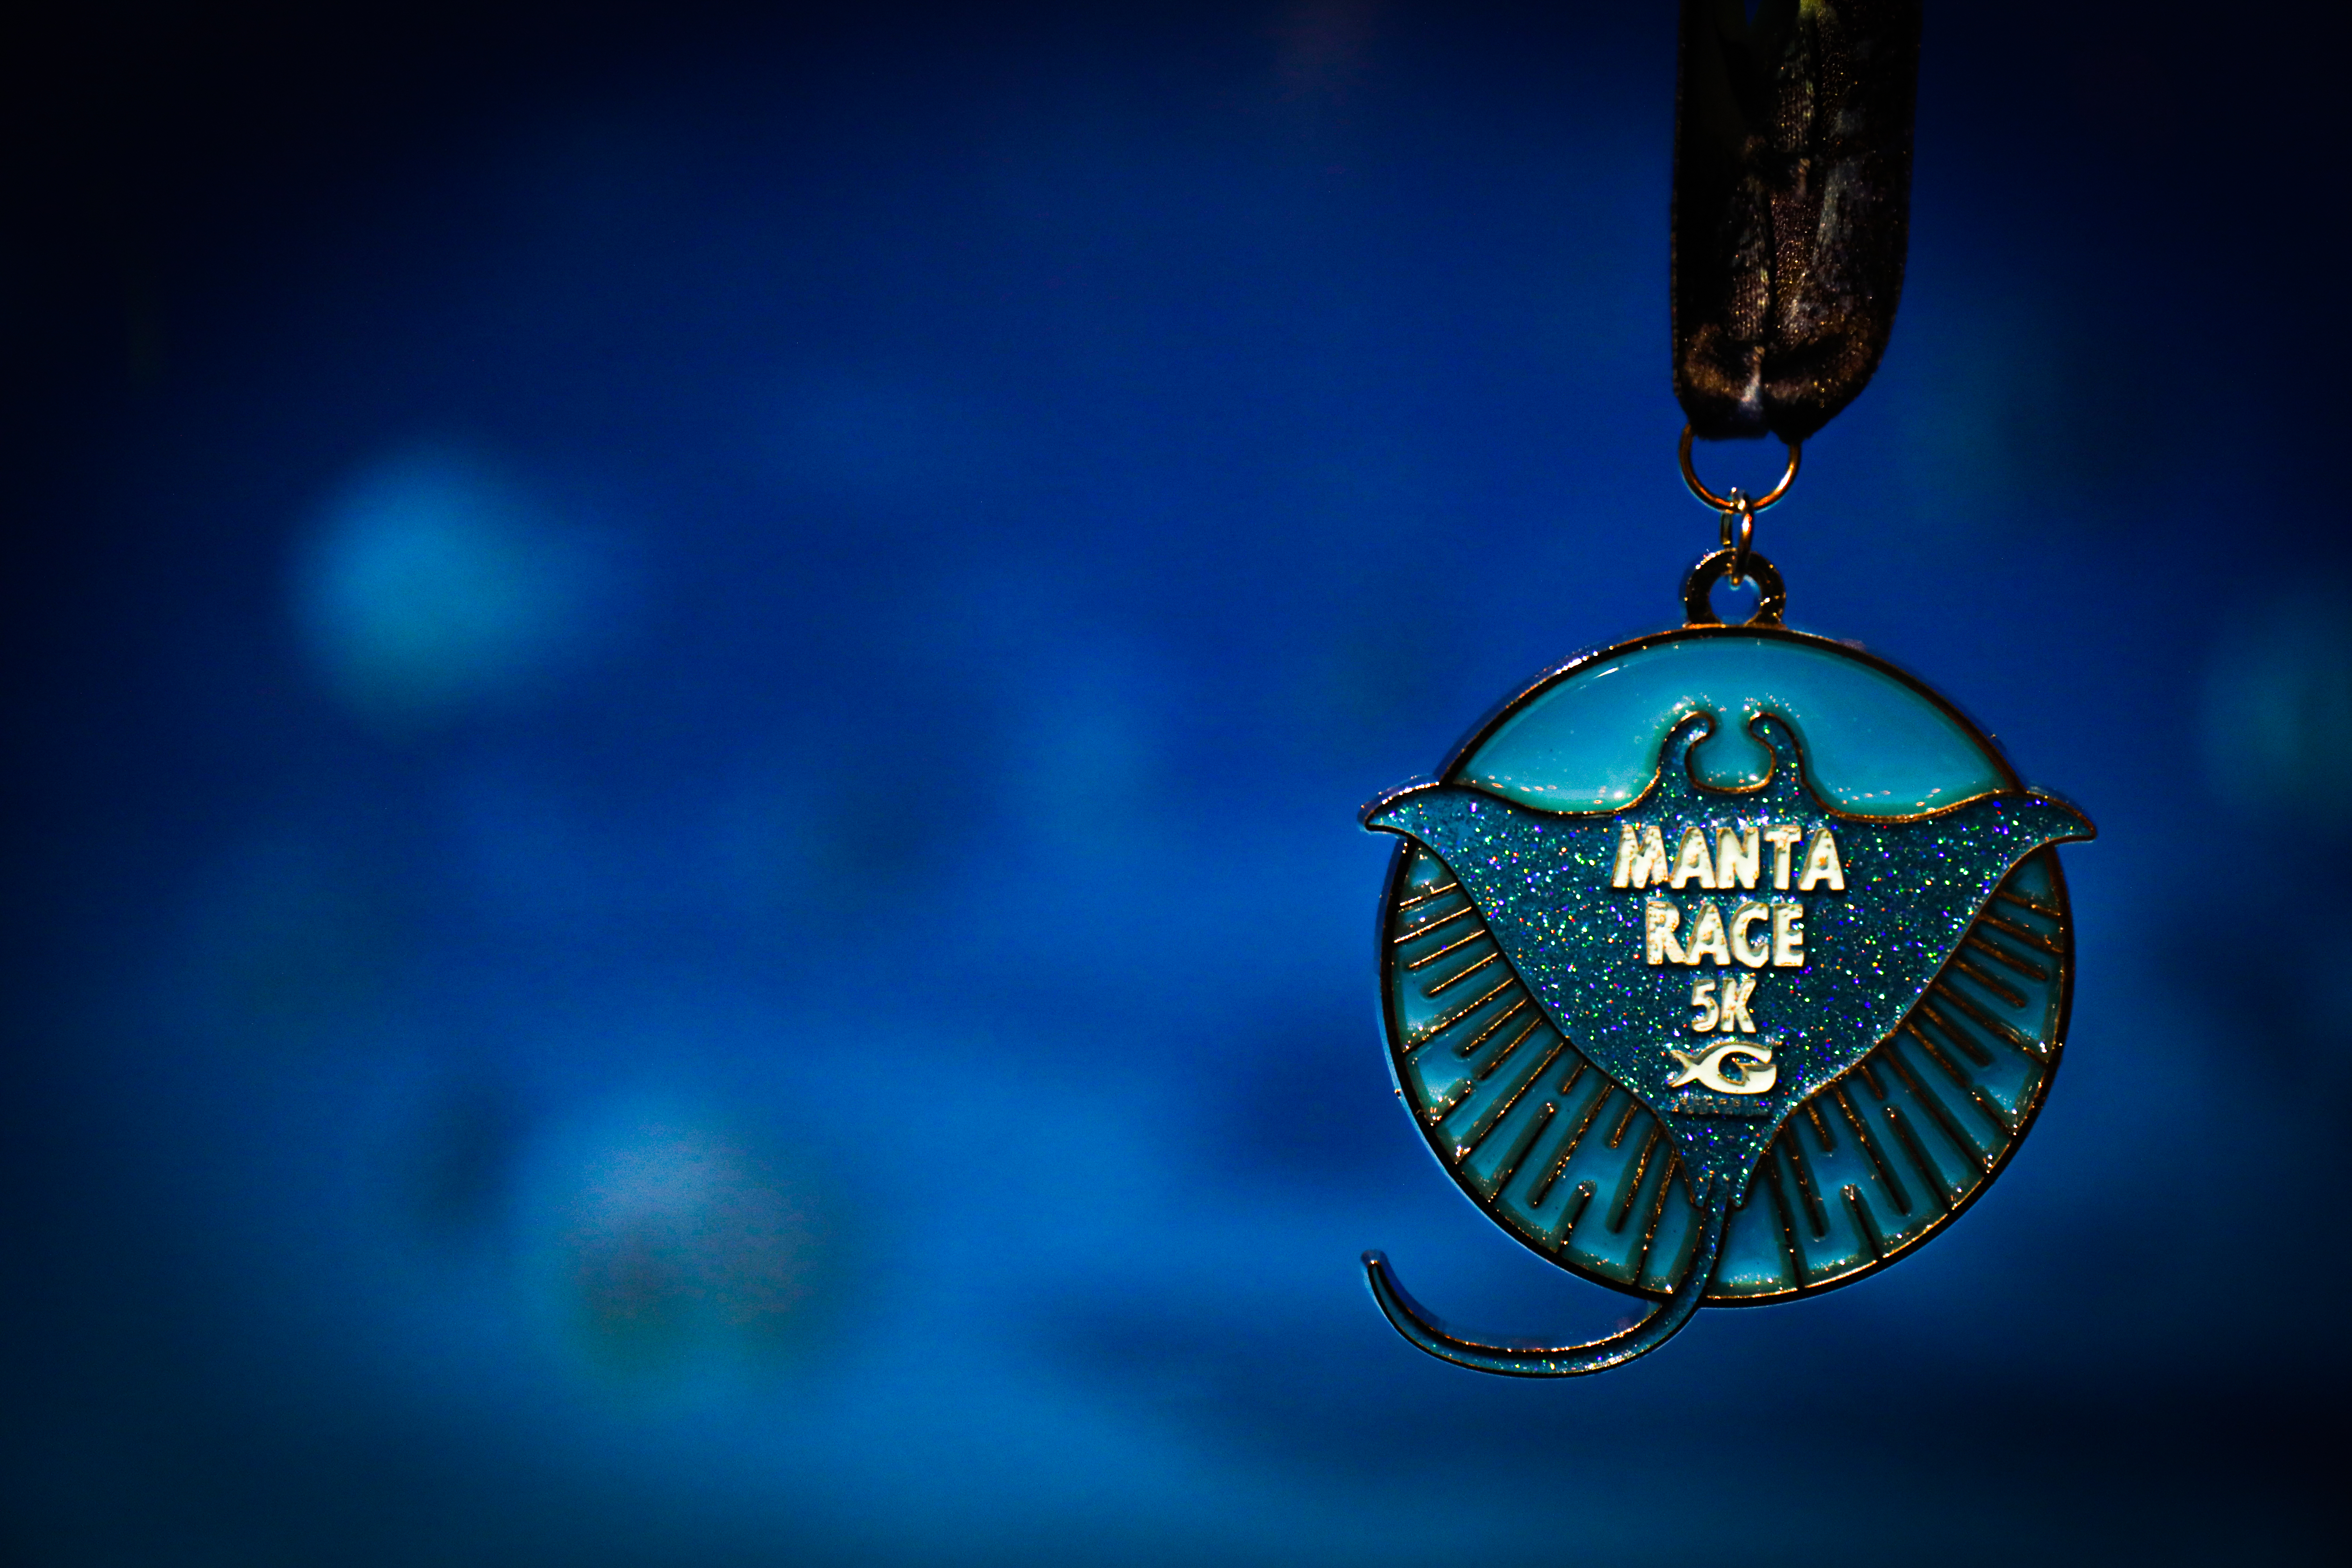 Manta Race 5K 5